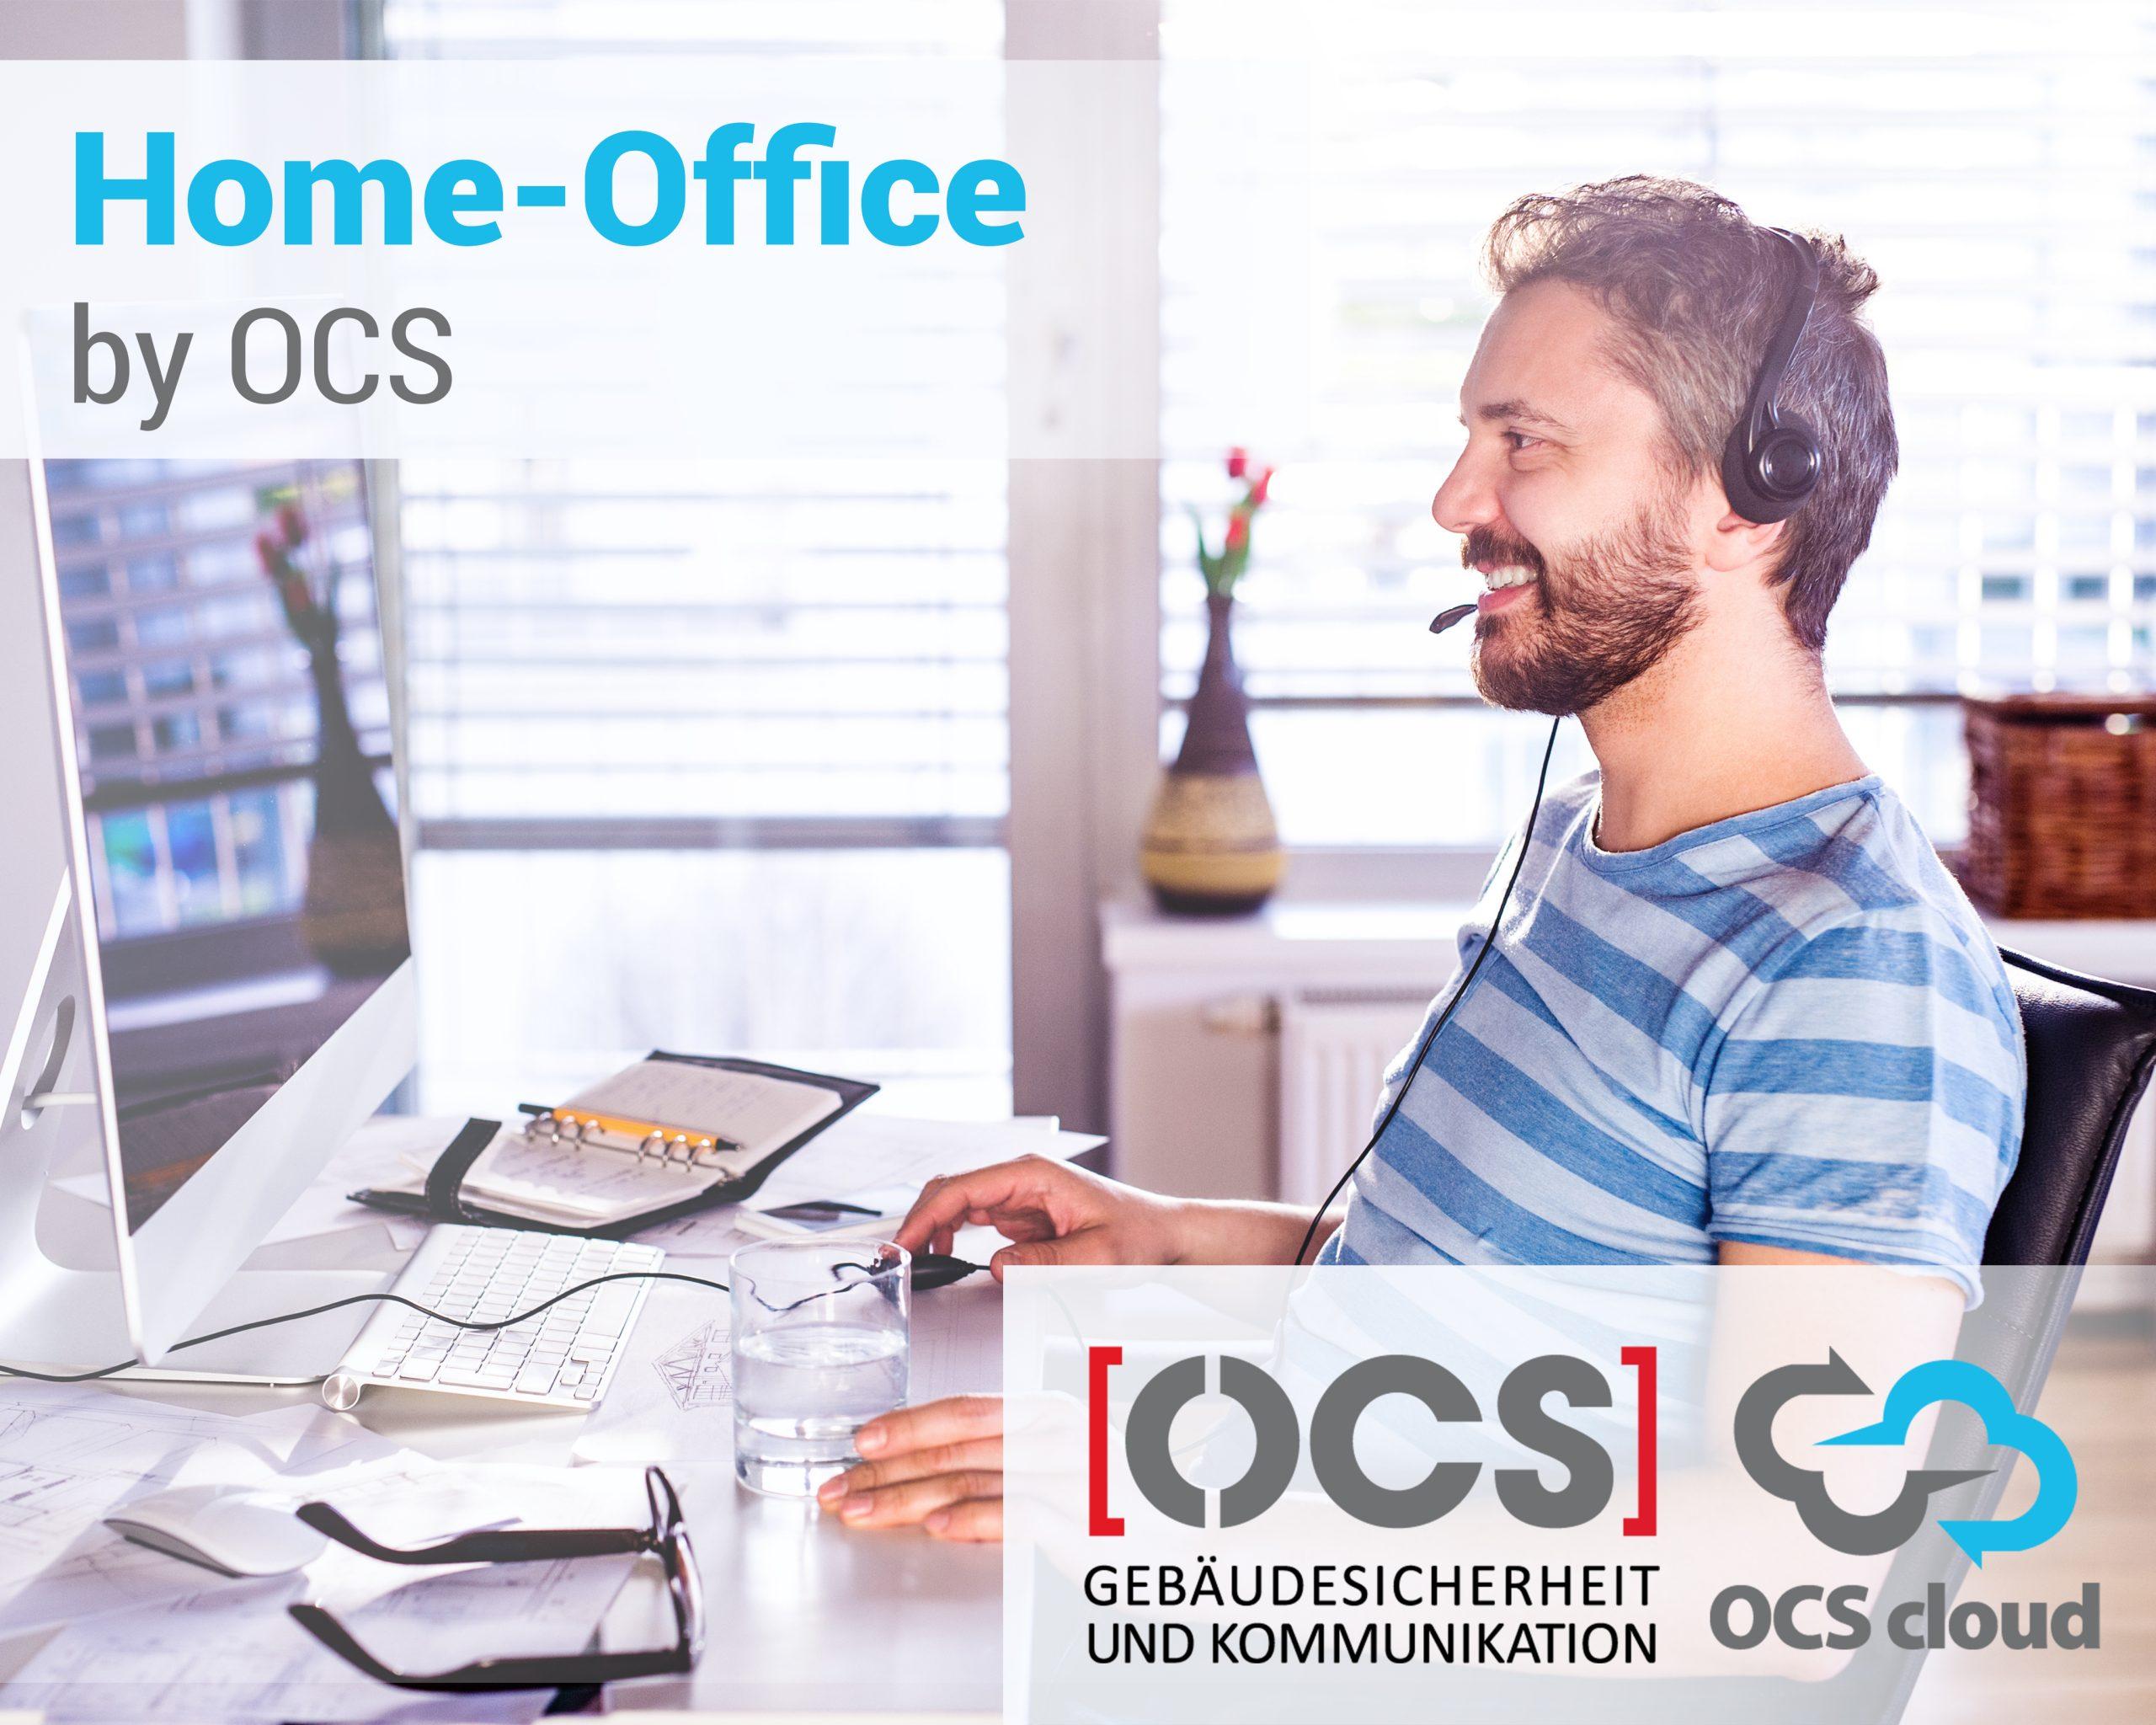 Home-Office-Lösungen von OCS. Wir bieten passende Lösungen, damit Sie optimal auf das Arbeiten im Home-Office vorbereitet sind.